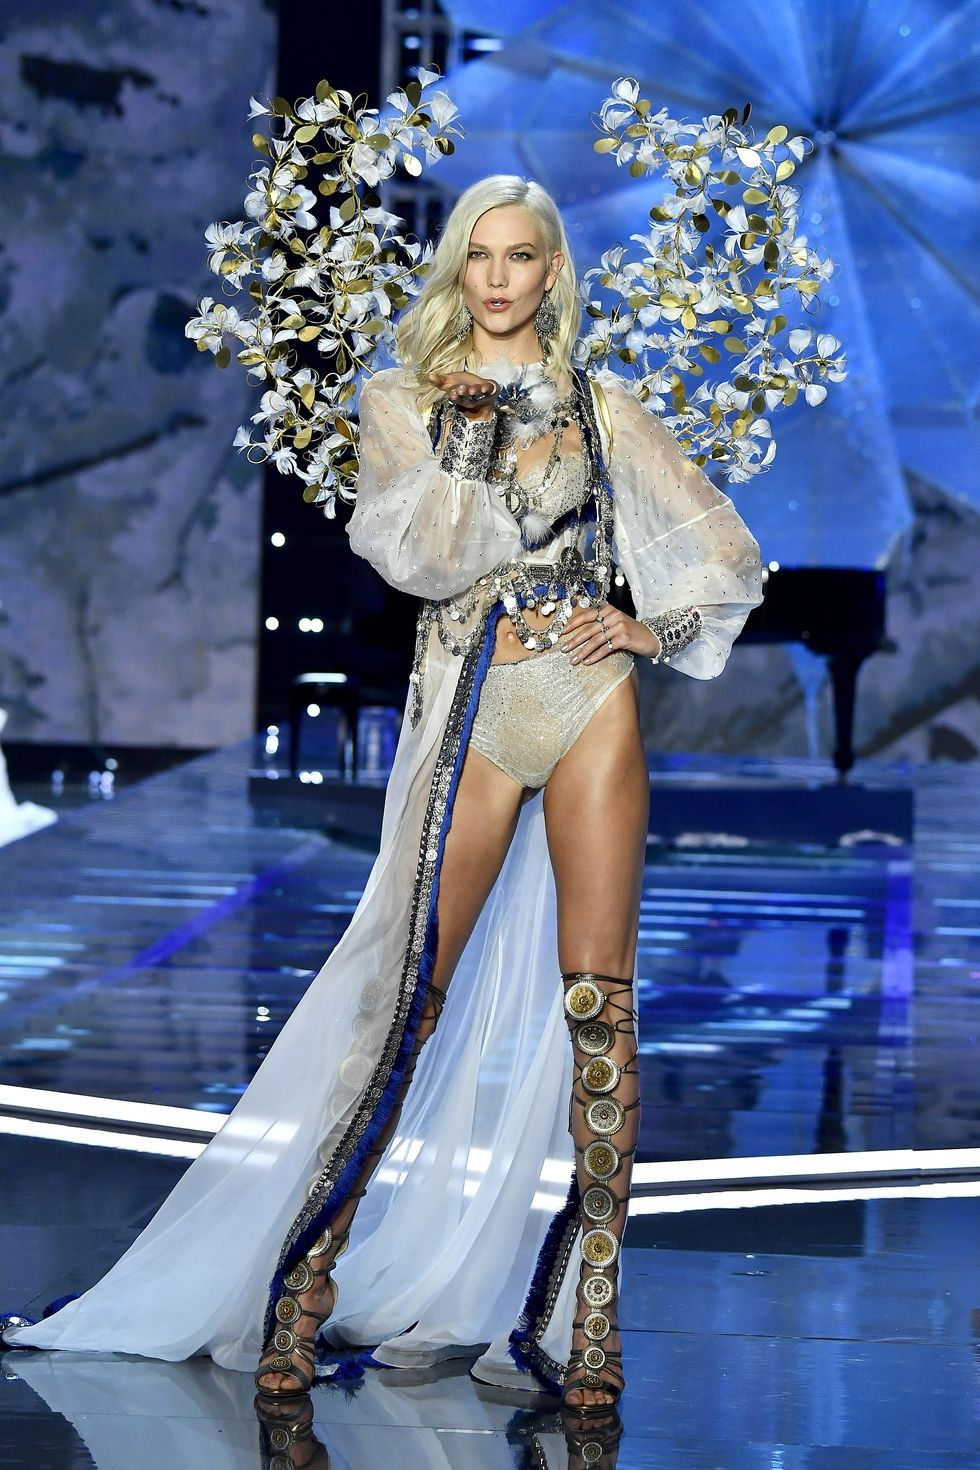 Défilé de lingerie Victoria's Secret 2017 en Chine: toutes les photos